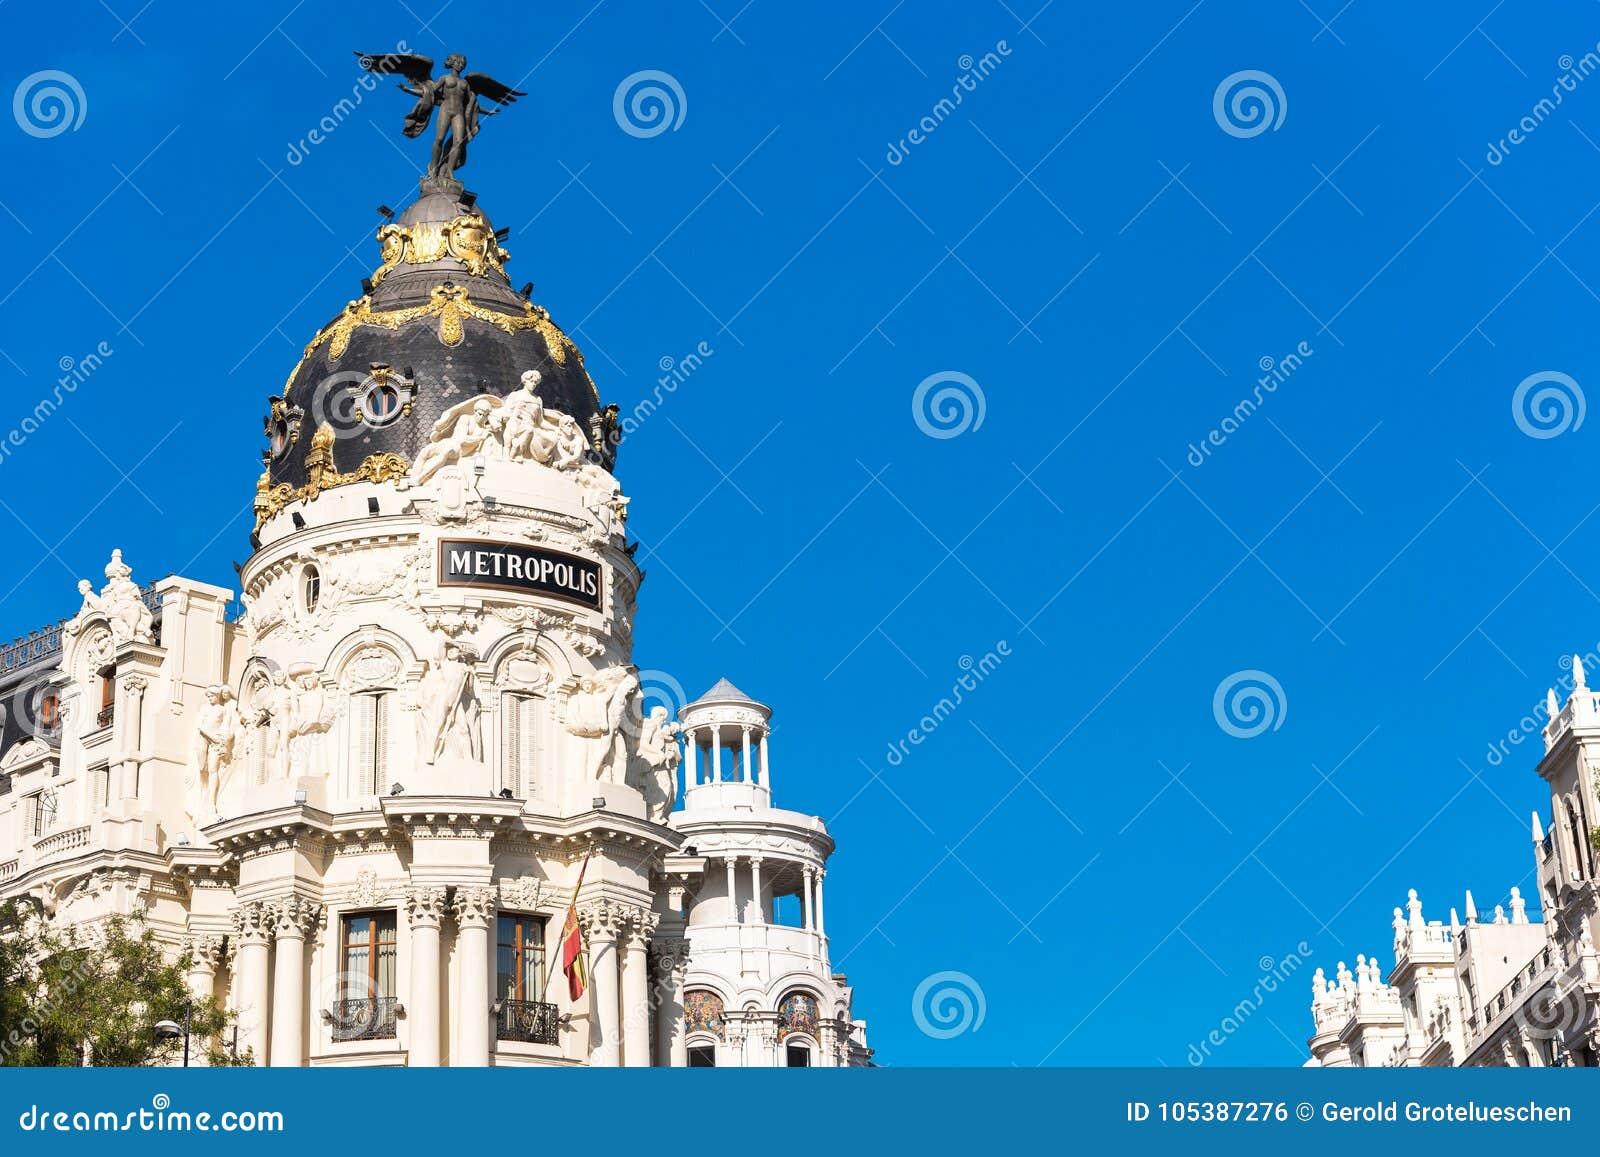 Madrid spain september 26 2017 view of metropolis - Space madrid ...